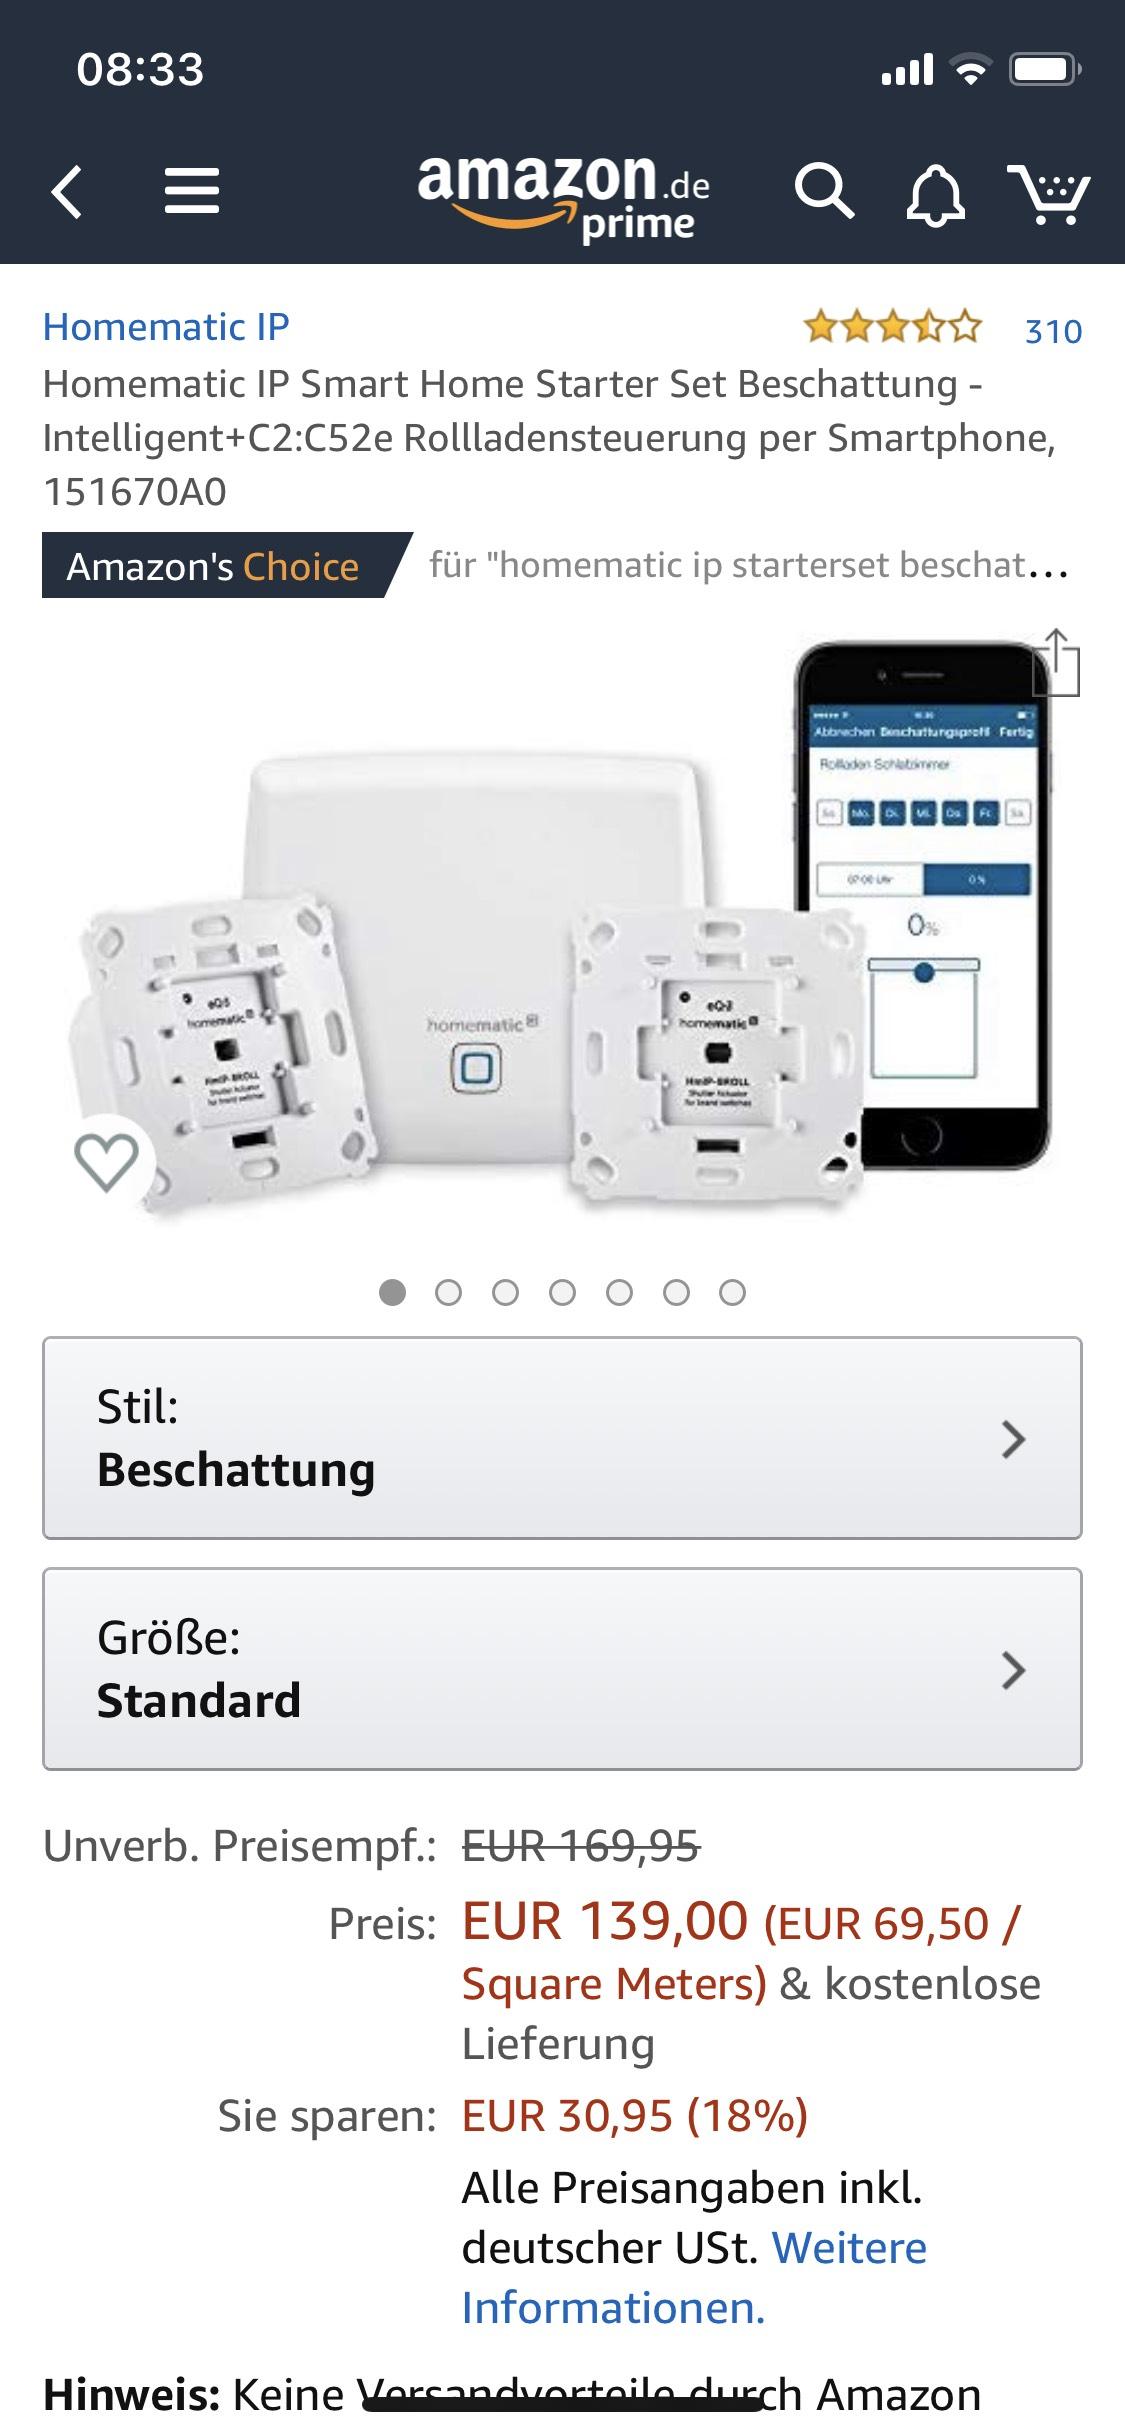 Homematic IP Smart Home Starter Set Beschattung - Intelligent+C2:C52e Rollladensteuerung per Smartphone, 151670A0